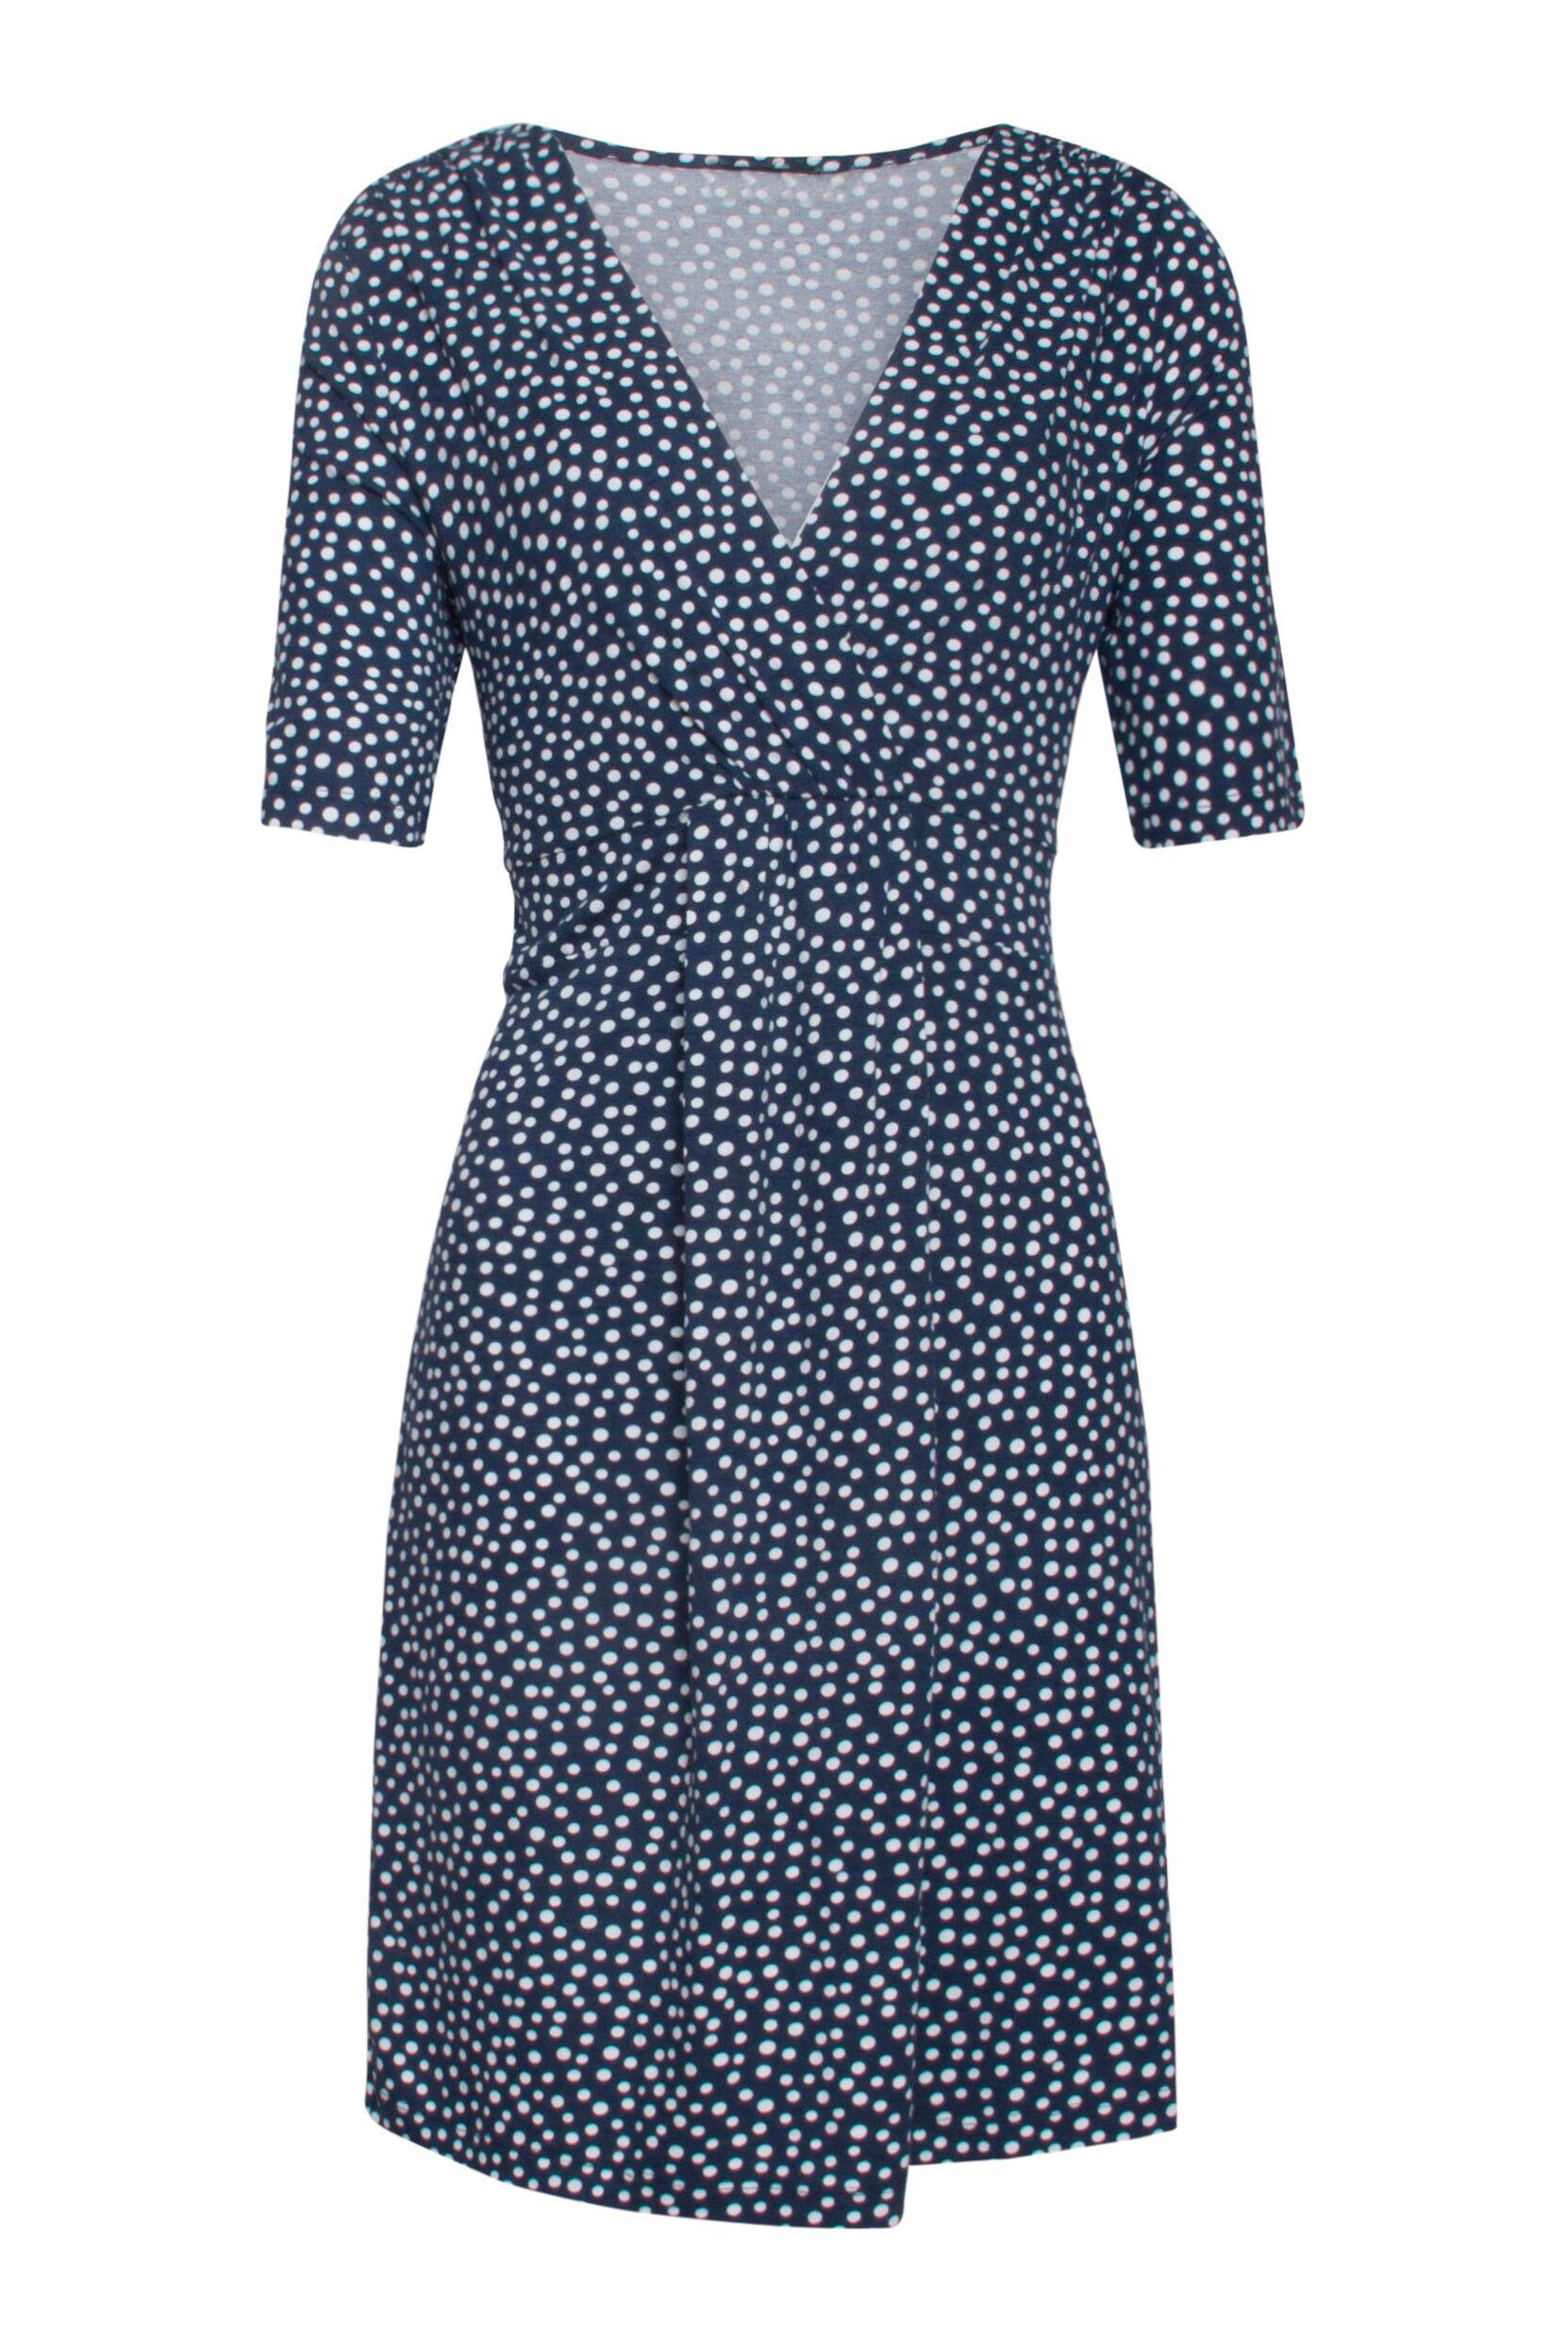 3ff85d4c26d4 Blå kjole med prikker